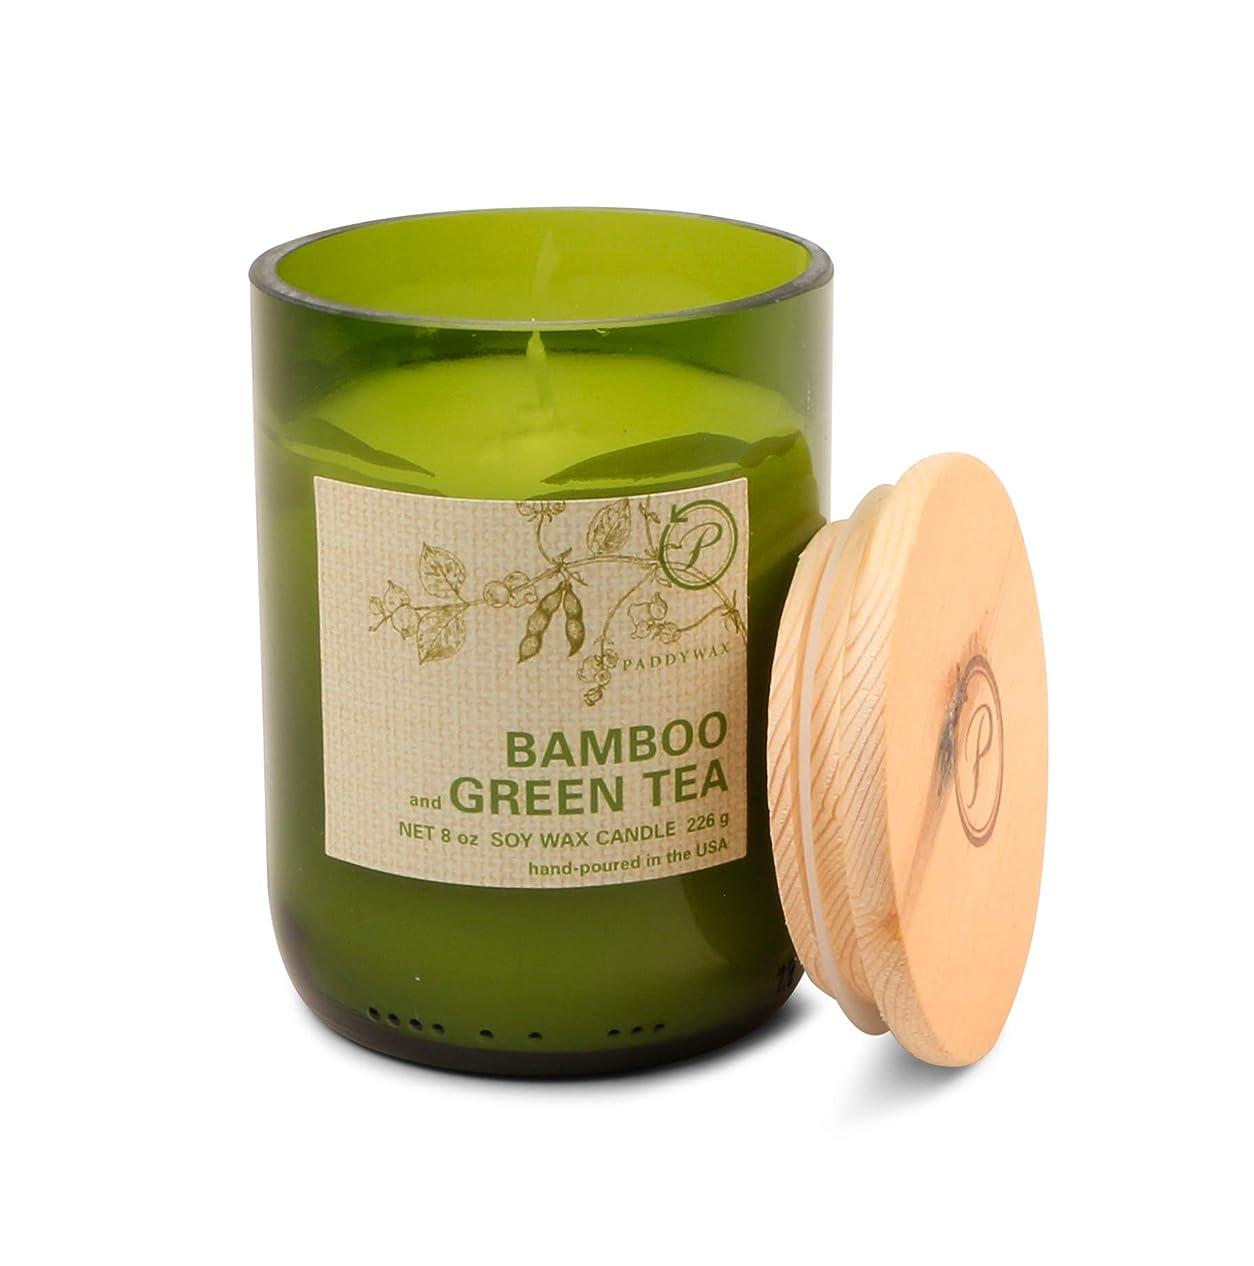 直径地震ばかげているパディワックス(PADDYWAX) エコ?グリーン キャンドル(ECO GREEN Candle) バンブー & グリーンティー(BAMBOO and GREEN TEA)